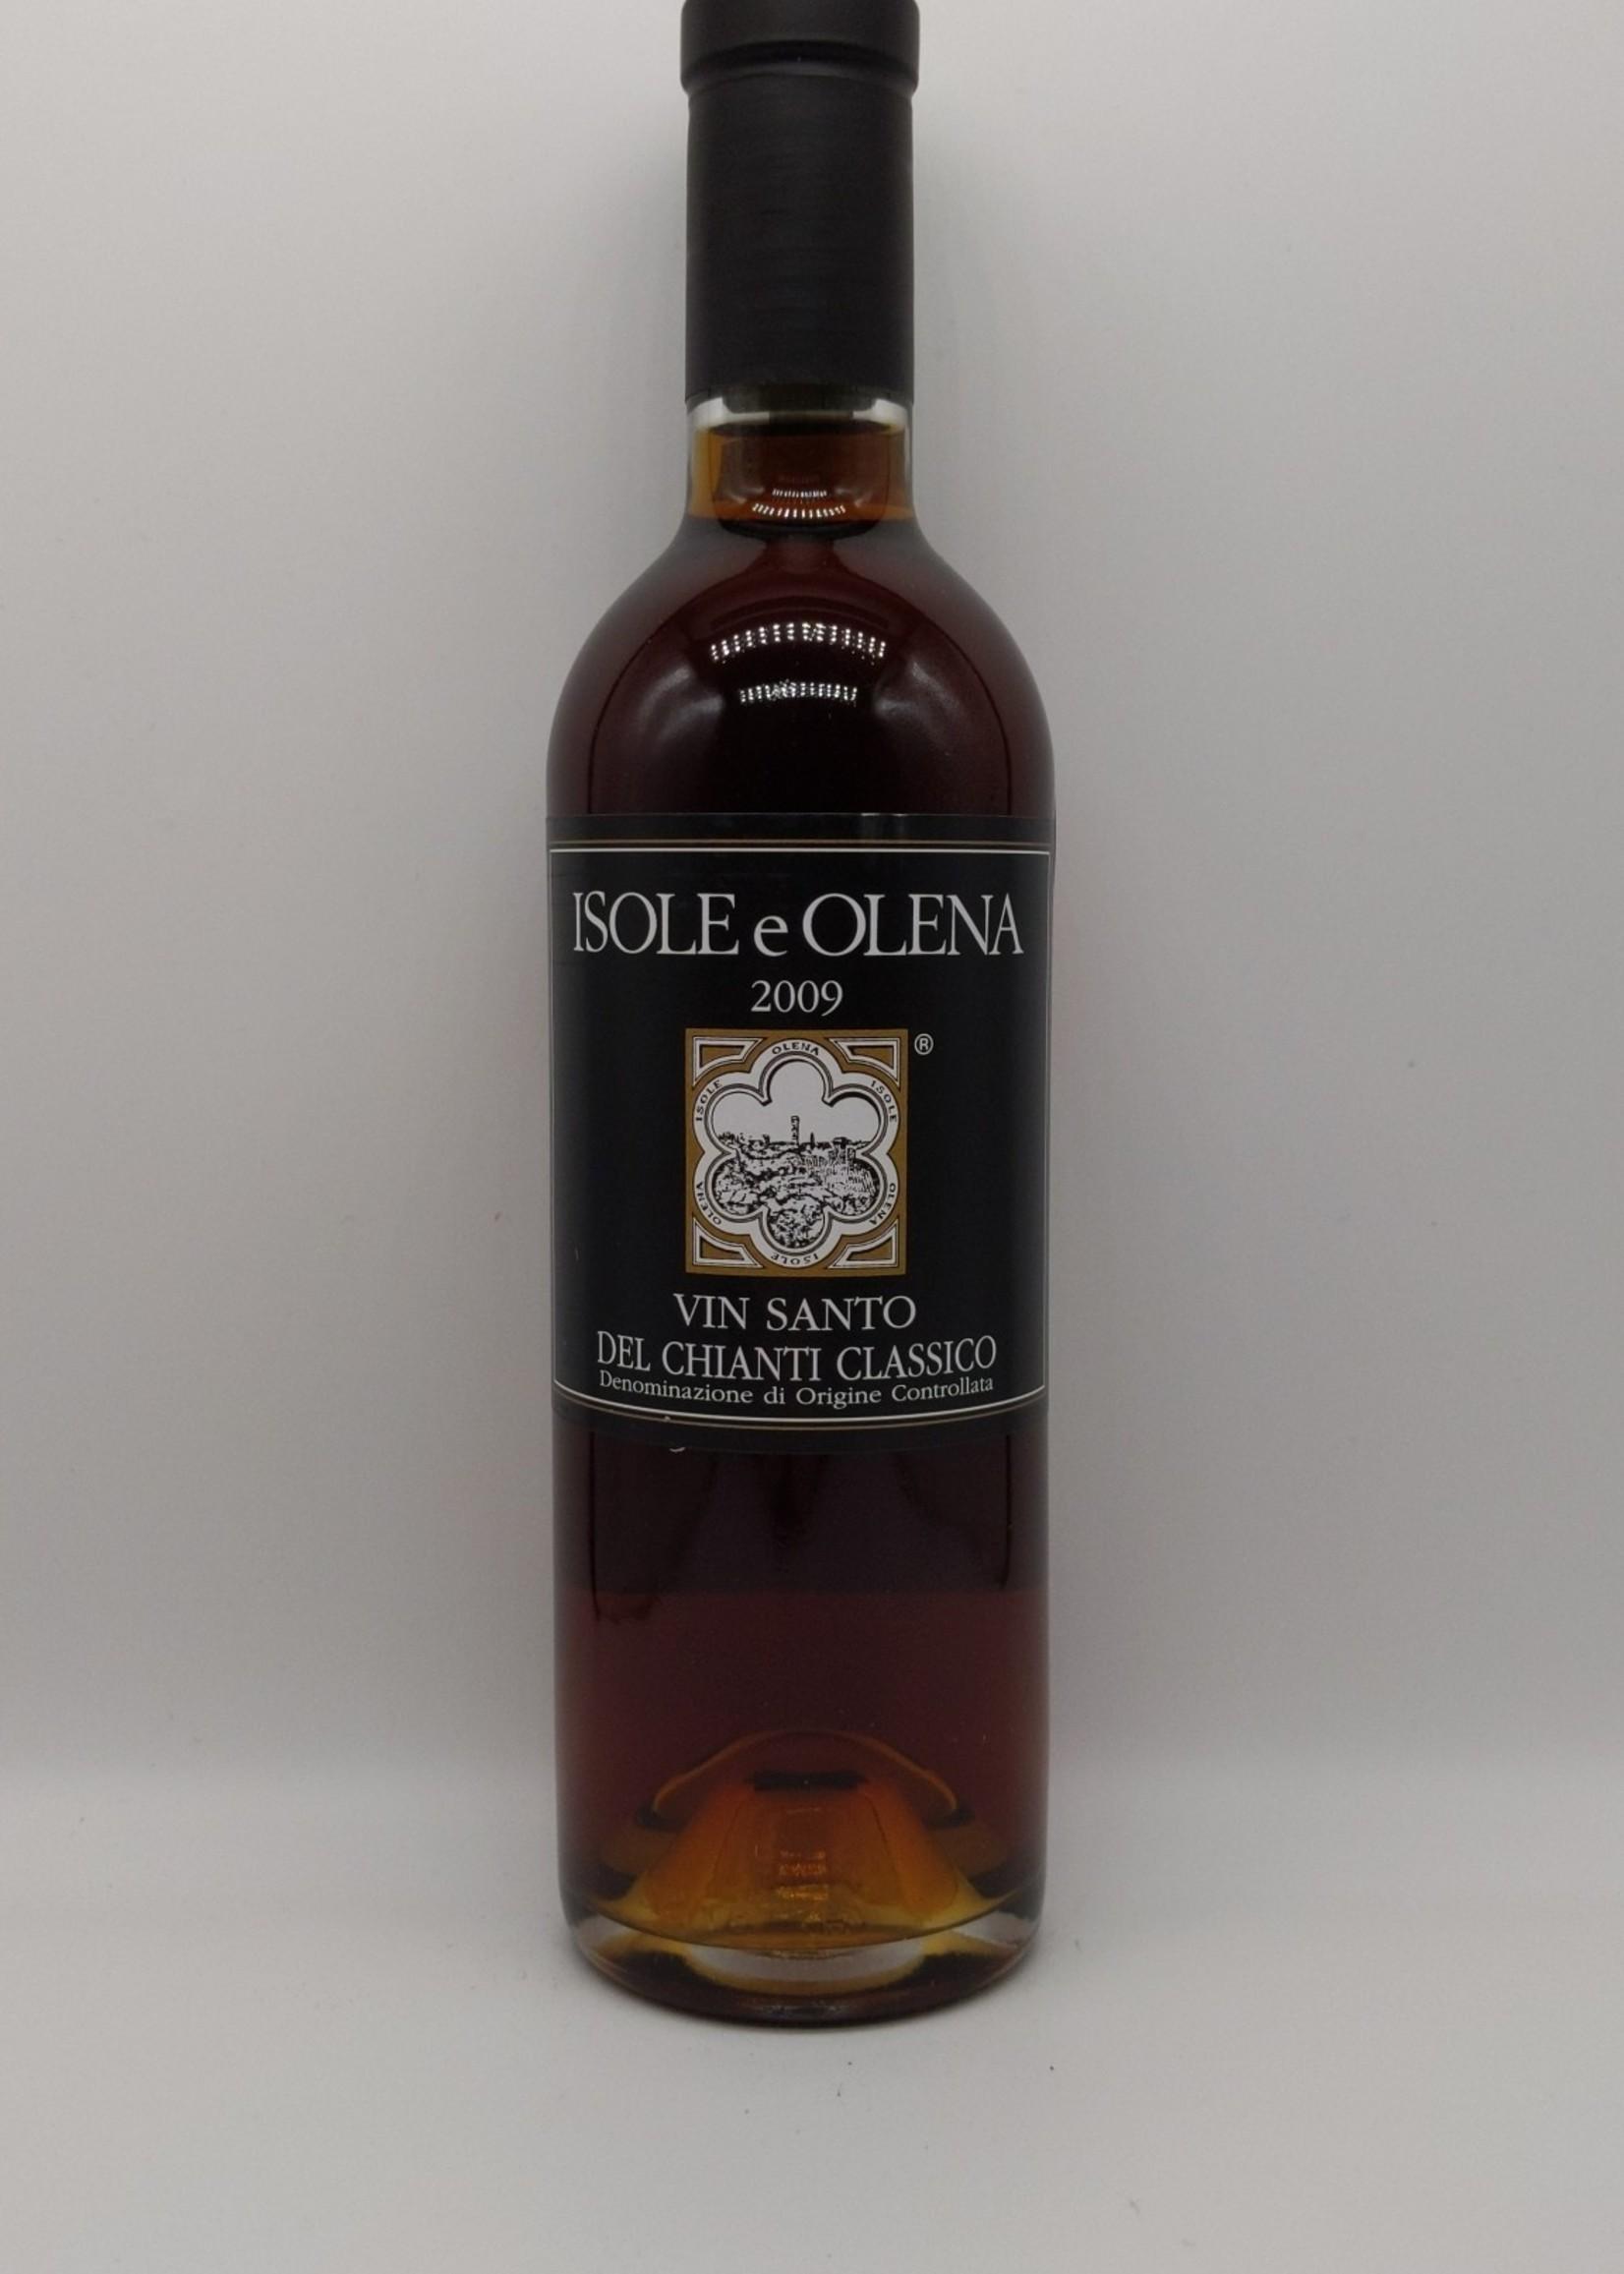 2009 ISOLE E OLENA VIN SANTO 375ml